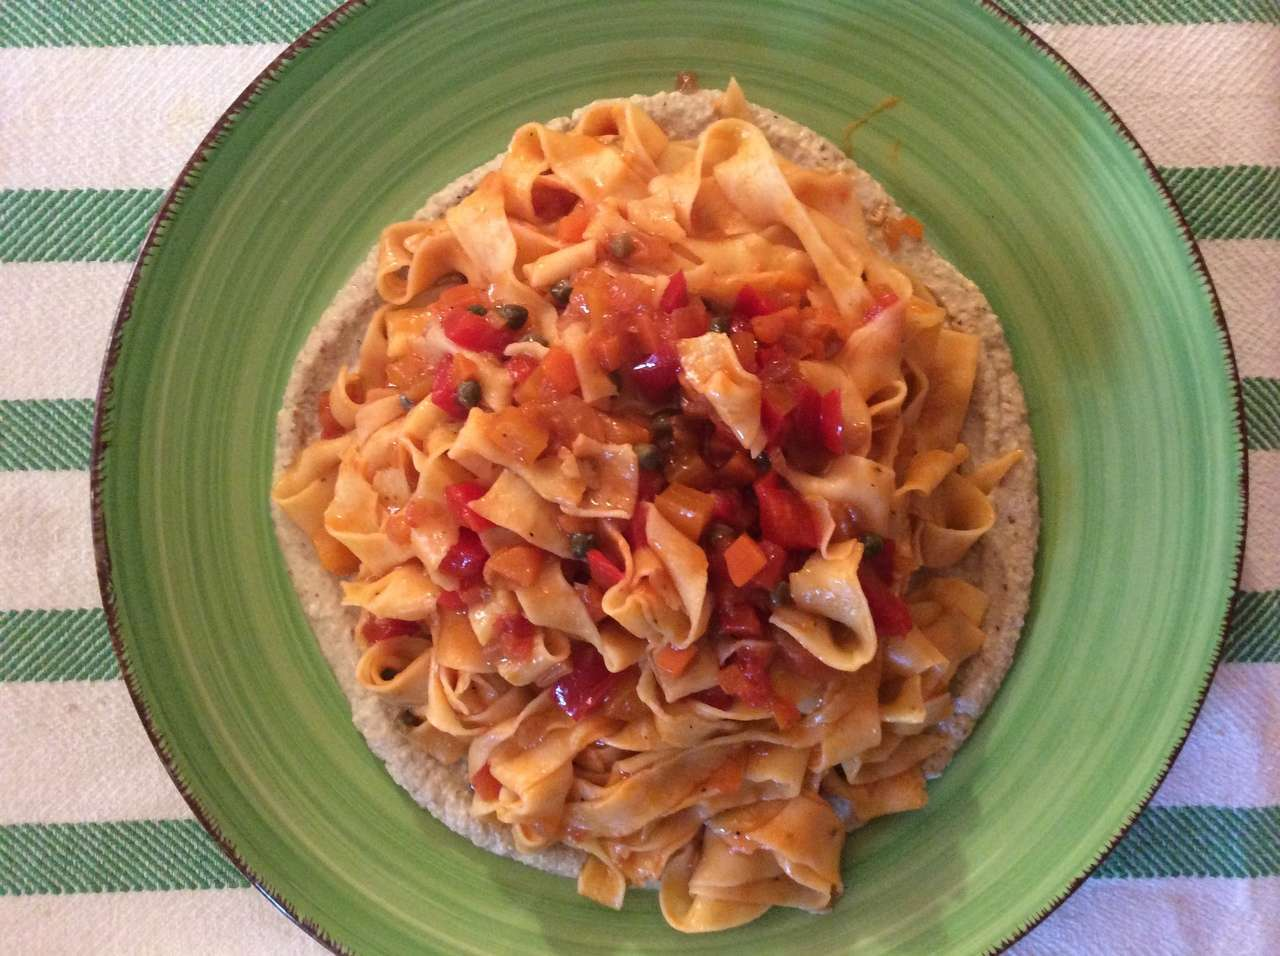 Tagliatelle al ragù di peperoni con crema di melanzane alla menta